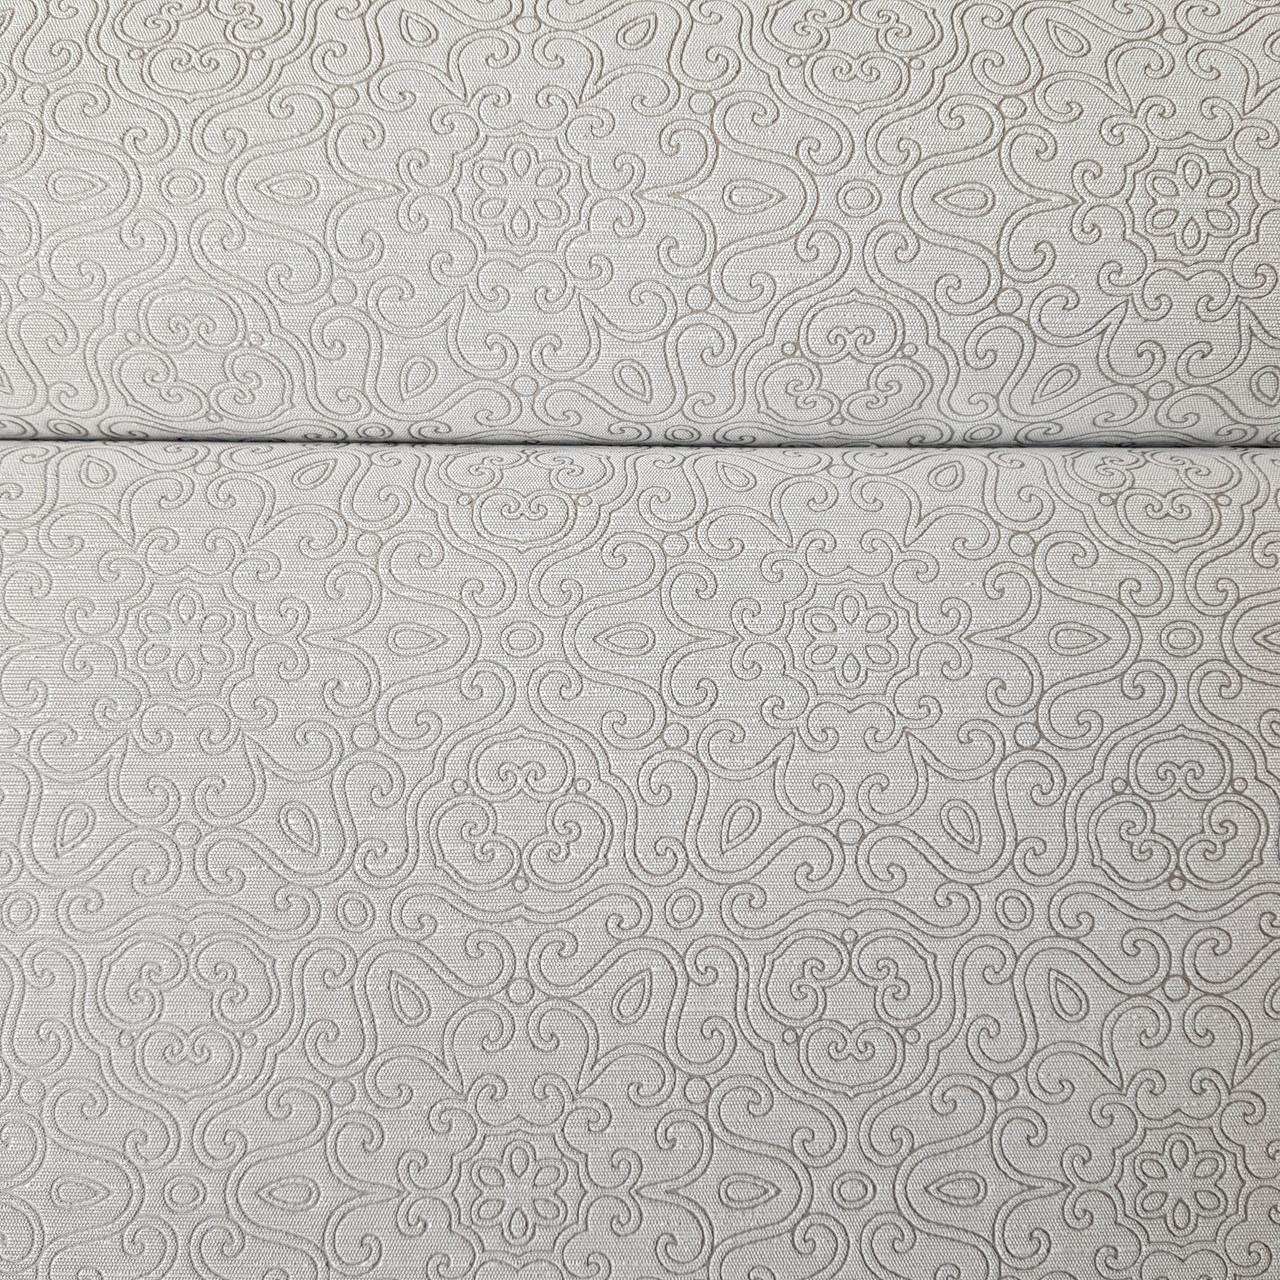 Обои метровые виниловые на флизелине Marburg Villa Lombardi вензеля завитки восточный рисунок серый с серебром